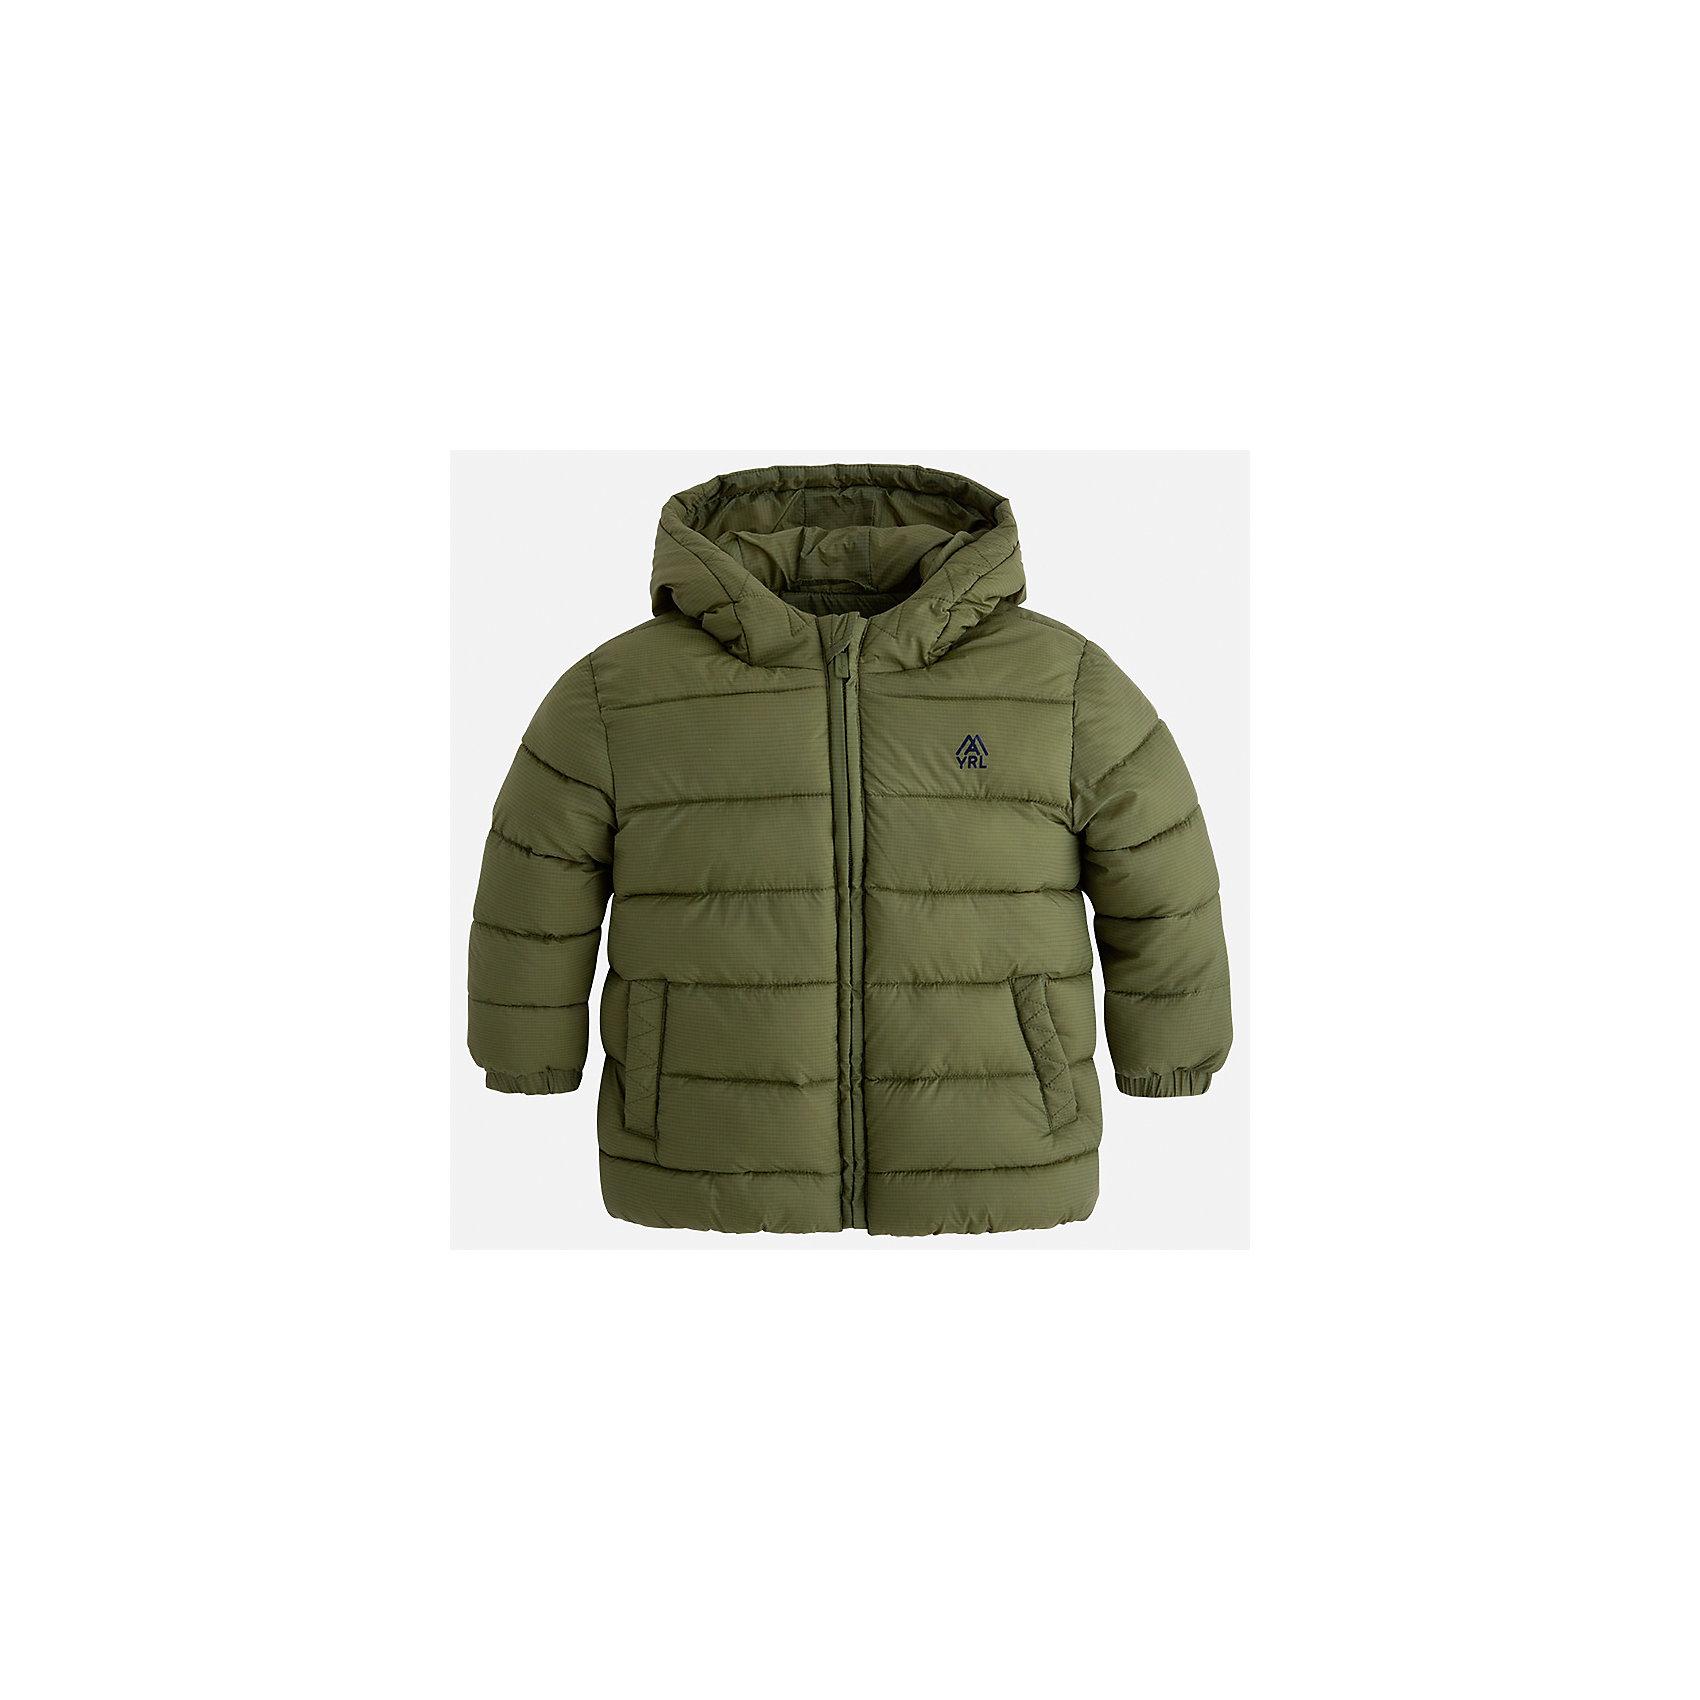 Куртка Mayoral для мальчикаДемисезонные куртки<br>Характеристики товара:<br><br>• цвет: зеленый;<br>• сезон: демисезон;<br>• состав ткани: 100% полиэстер;<br>• состав подкладки: 100% полиэстер;<br>• стеганая;<br>• капюшон: без меха, не отстегивается;<br>• страна бренда: Испания;<br>• страна изготовитель: Бангладеш.<br><br>Демисезонная куртка для мальчика от популярного бренда Mayoral несомненно понравится вам и вашему ребенку. Качественные ткани, безупречное исполнение, все модели в центре модных тенденций. Внешняя ткань плащевая, подкладка из флиса, аккуратные швы. Рукава на внутренней манжете. Застегивается на замок-молнию, капюшон не отстегивается. <br><br>Легкая и теплая куртка с капюшоном и карманами на холодную осень-весну. Грамотный крой изделия обеспечивает отличную посадку по фигуре.<br><br>Куртку  для мальчика Mayoral (Майорал) можно купить в нашем интернет-магазине.<br><br>Ширина мм: 356<br>Глубина мм: 10<br>Высота мм: 245<br>Вес г: 519<br>Цвет: зеленый<br>Возраст от месяцев: 96<br>Возраст до месяцев: 108<br>Пол: Мужской<br>Возраст: Детский<br>Размер: 134,92,98,104,110,116,122,128<br>SKU: 6931900